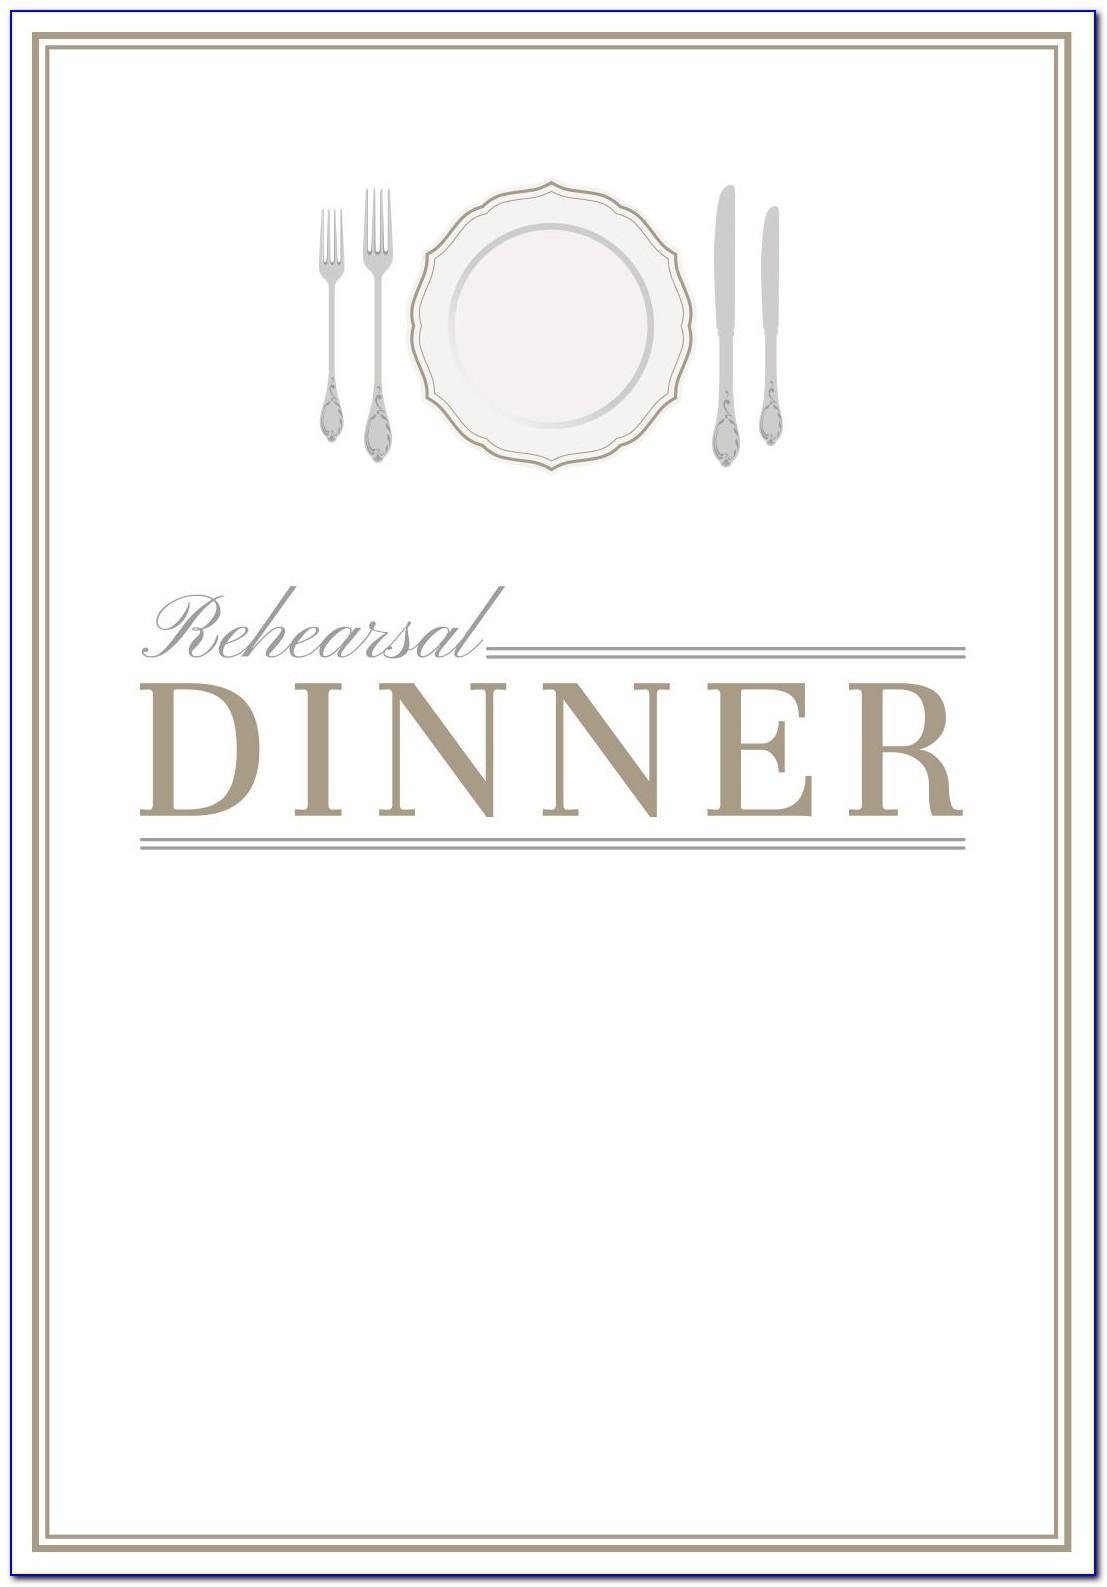 Birthday Dinner Invitation Maker